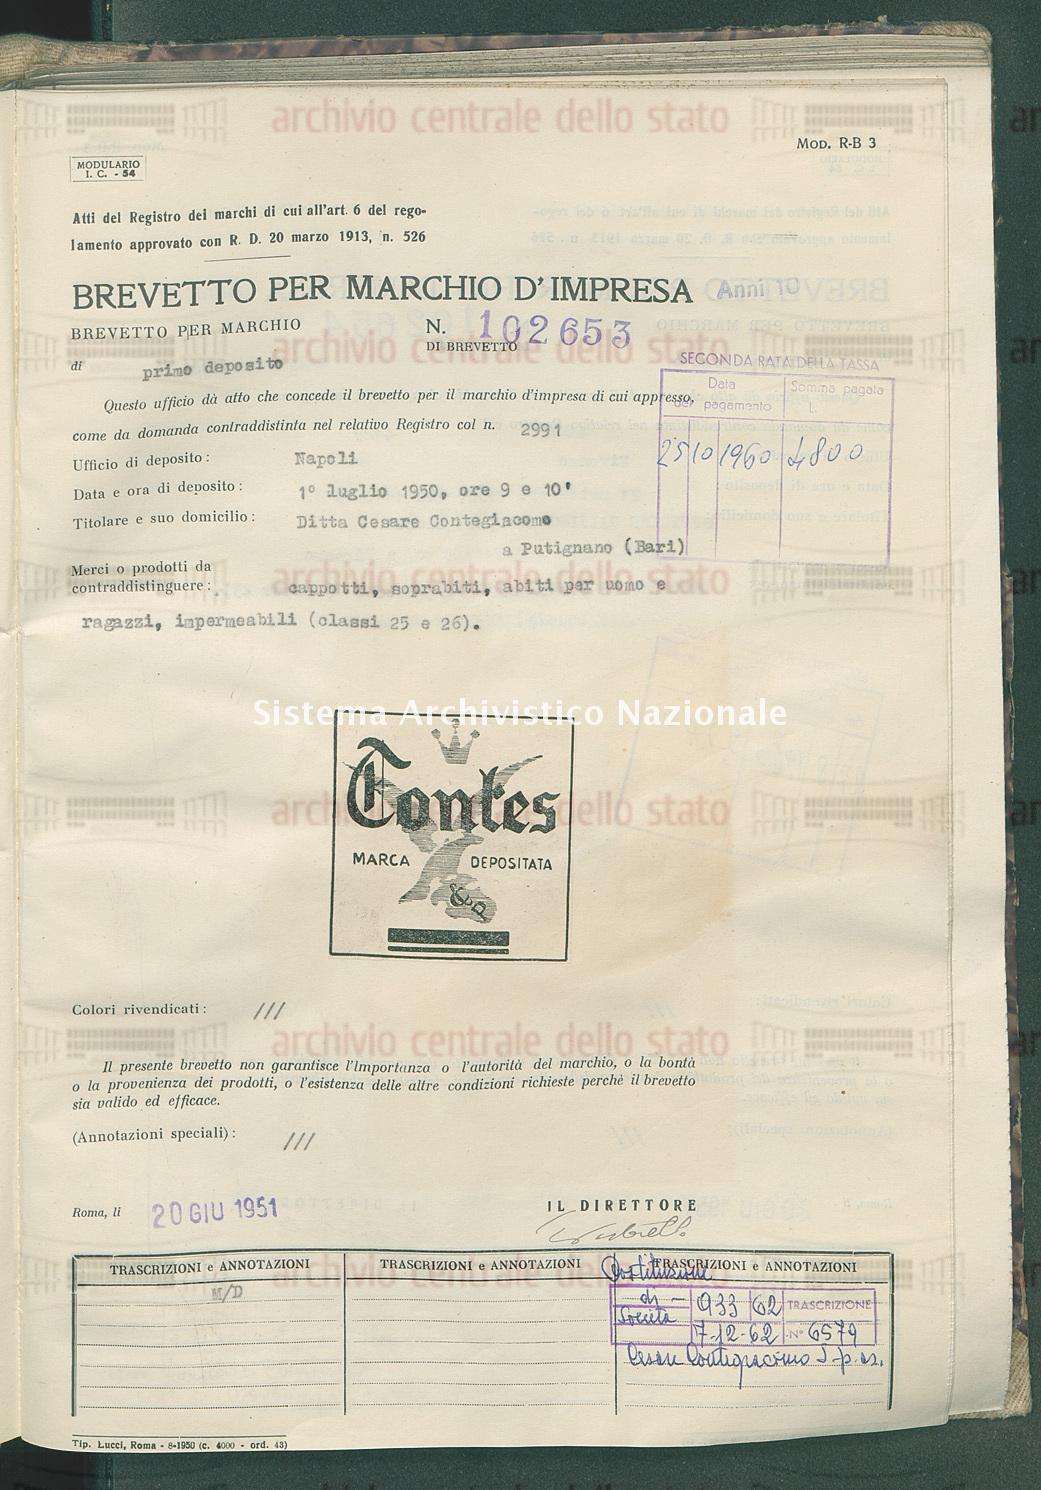 Cappotti, soprabiti, etc. Ditta Cesare Contegiacomo (20/06/1951)